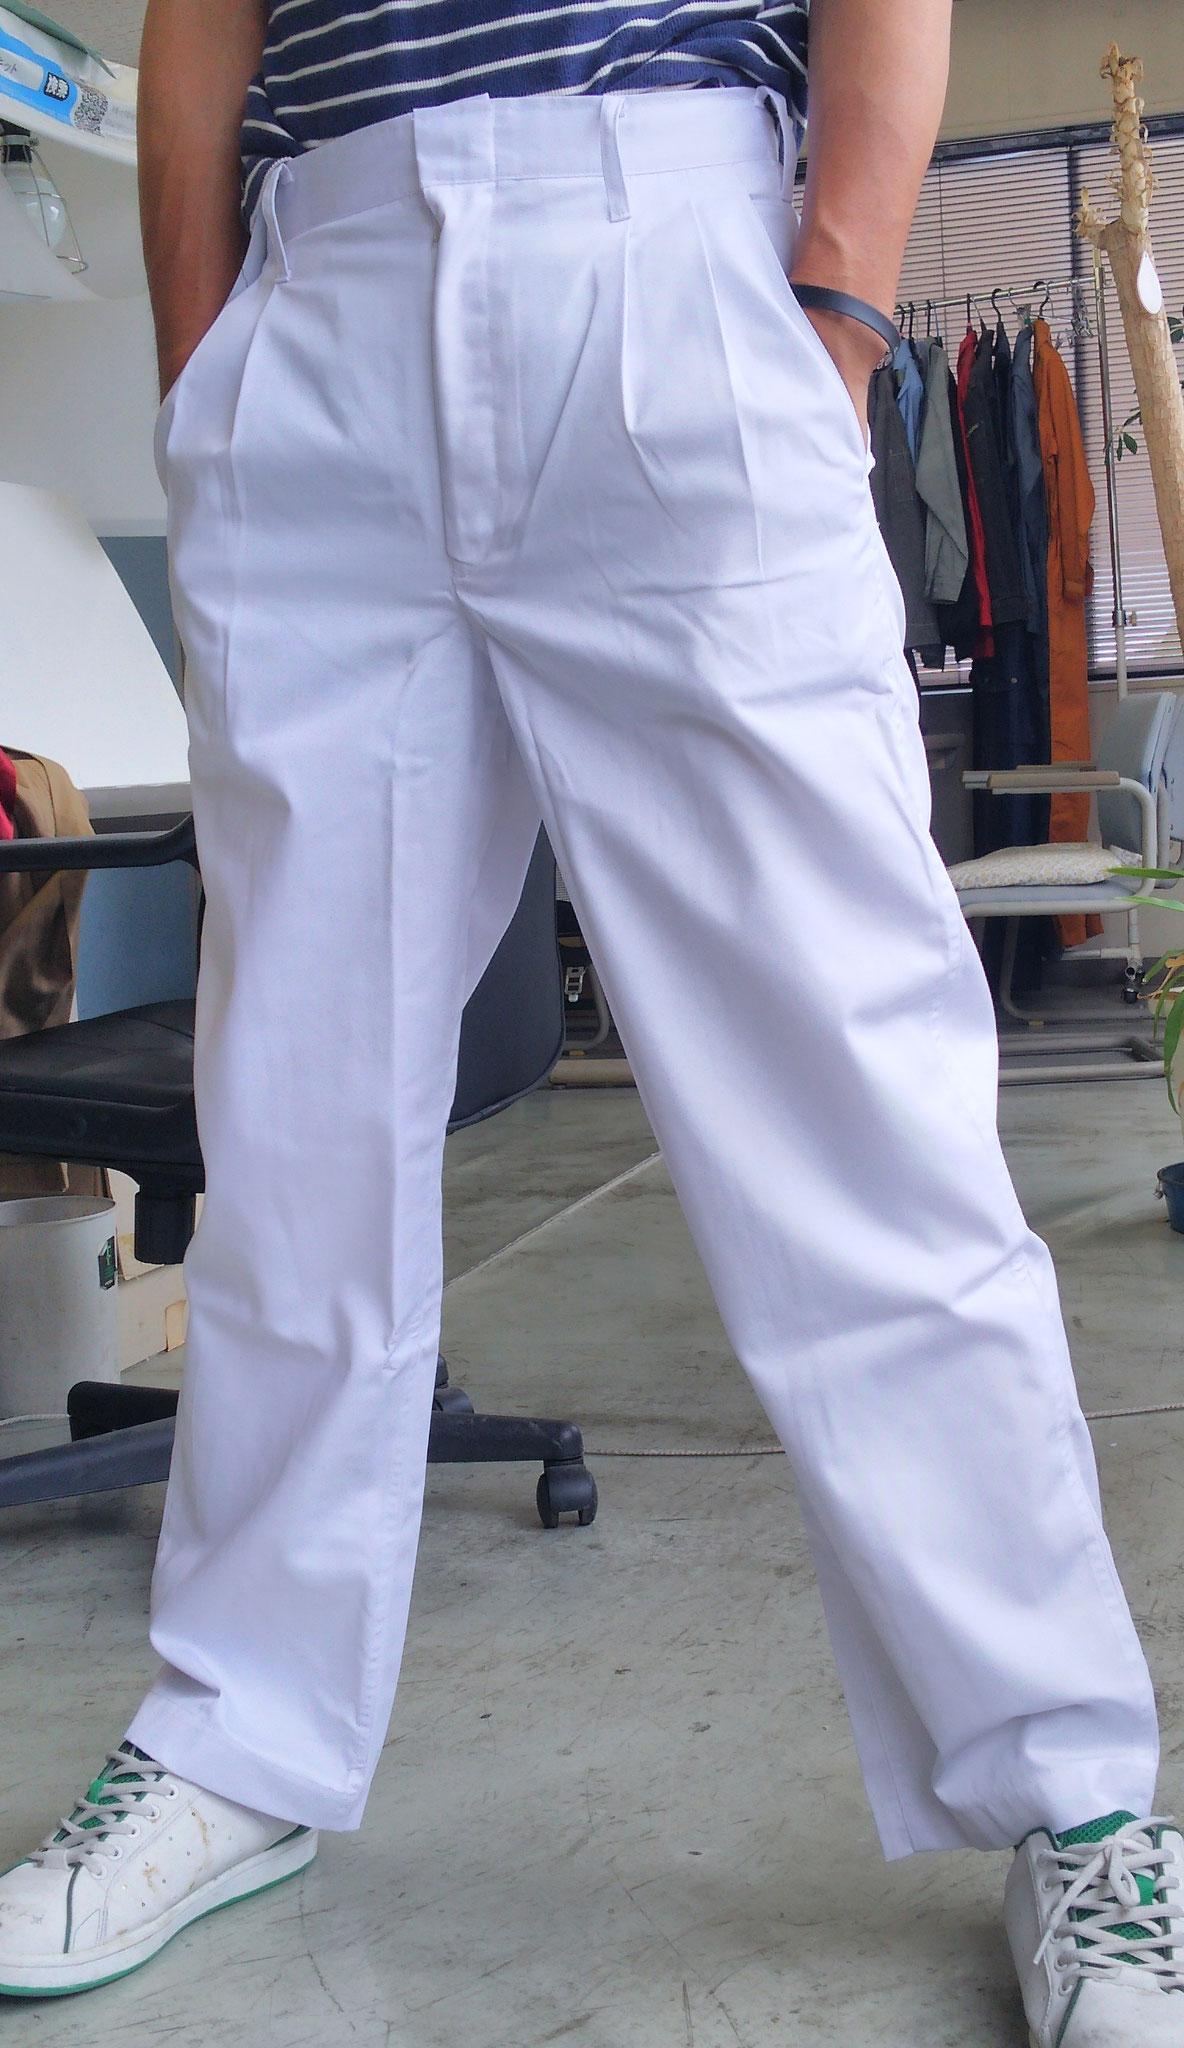 祭り用白ズボン サイズ 73cm-111cm まで品揃えしております。